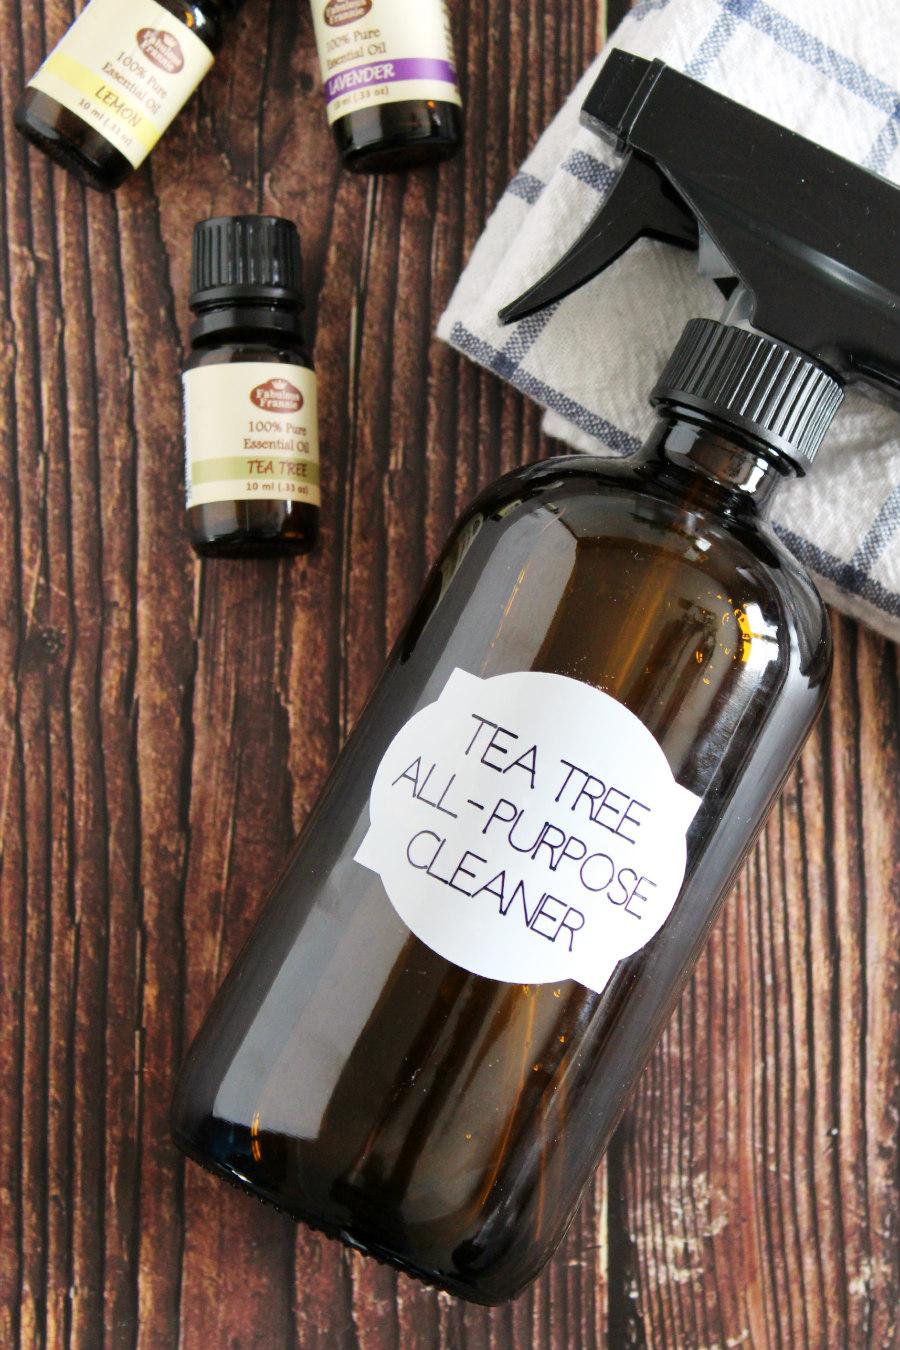 tea tree oil all purpose cleaner